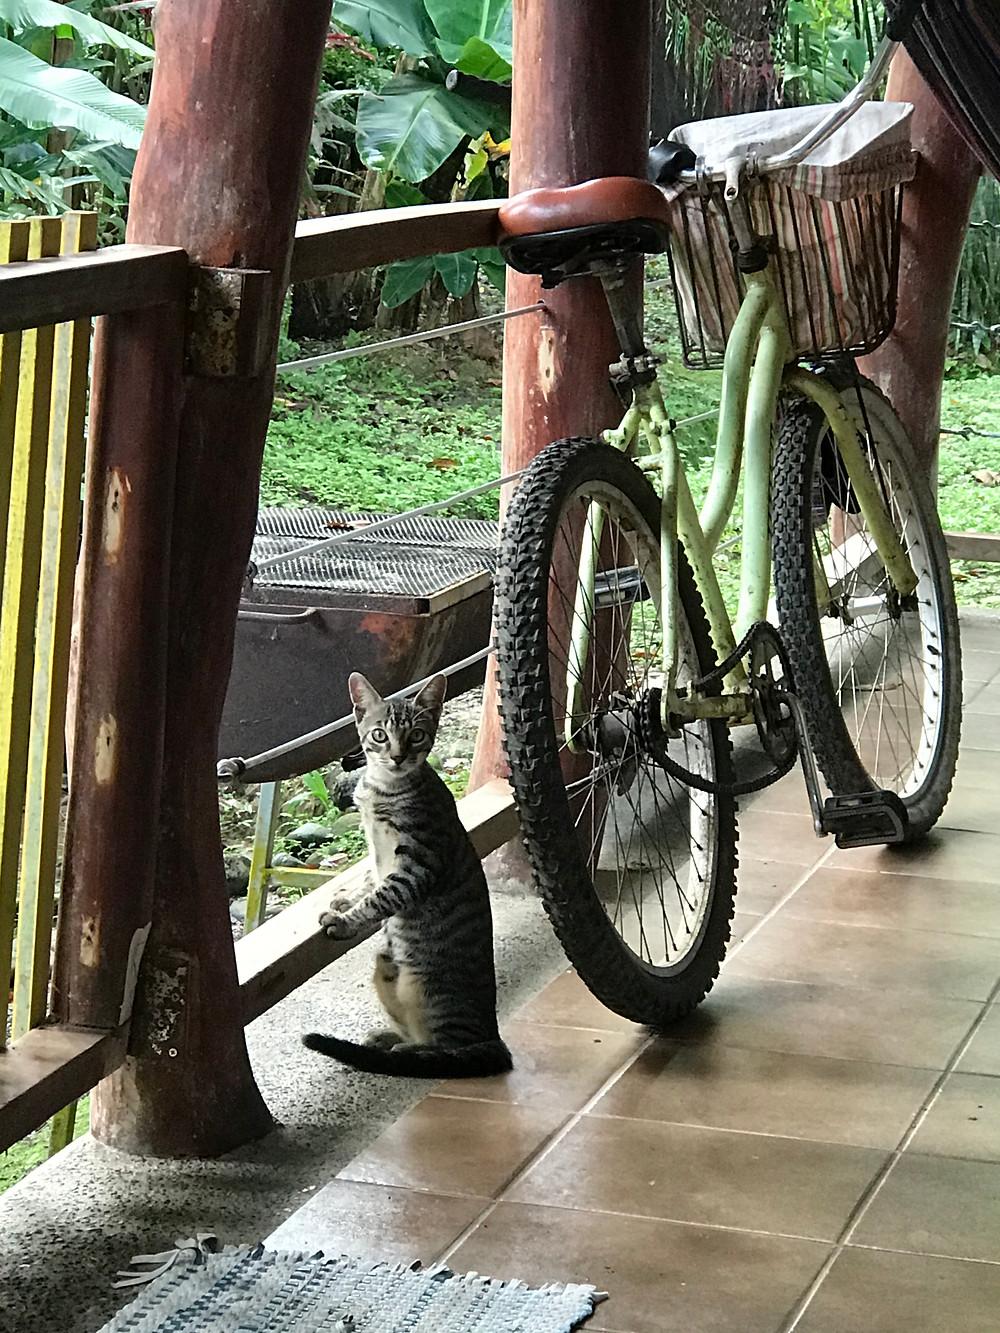 Gatito and the bike